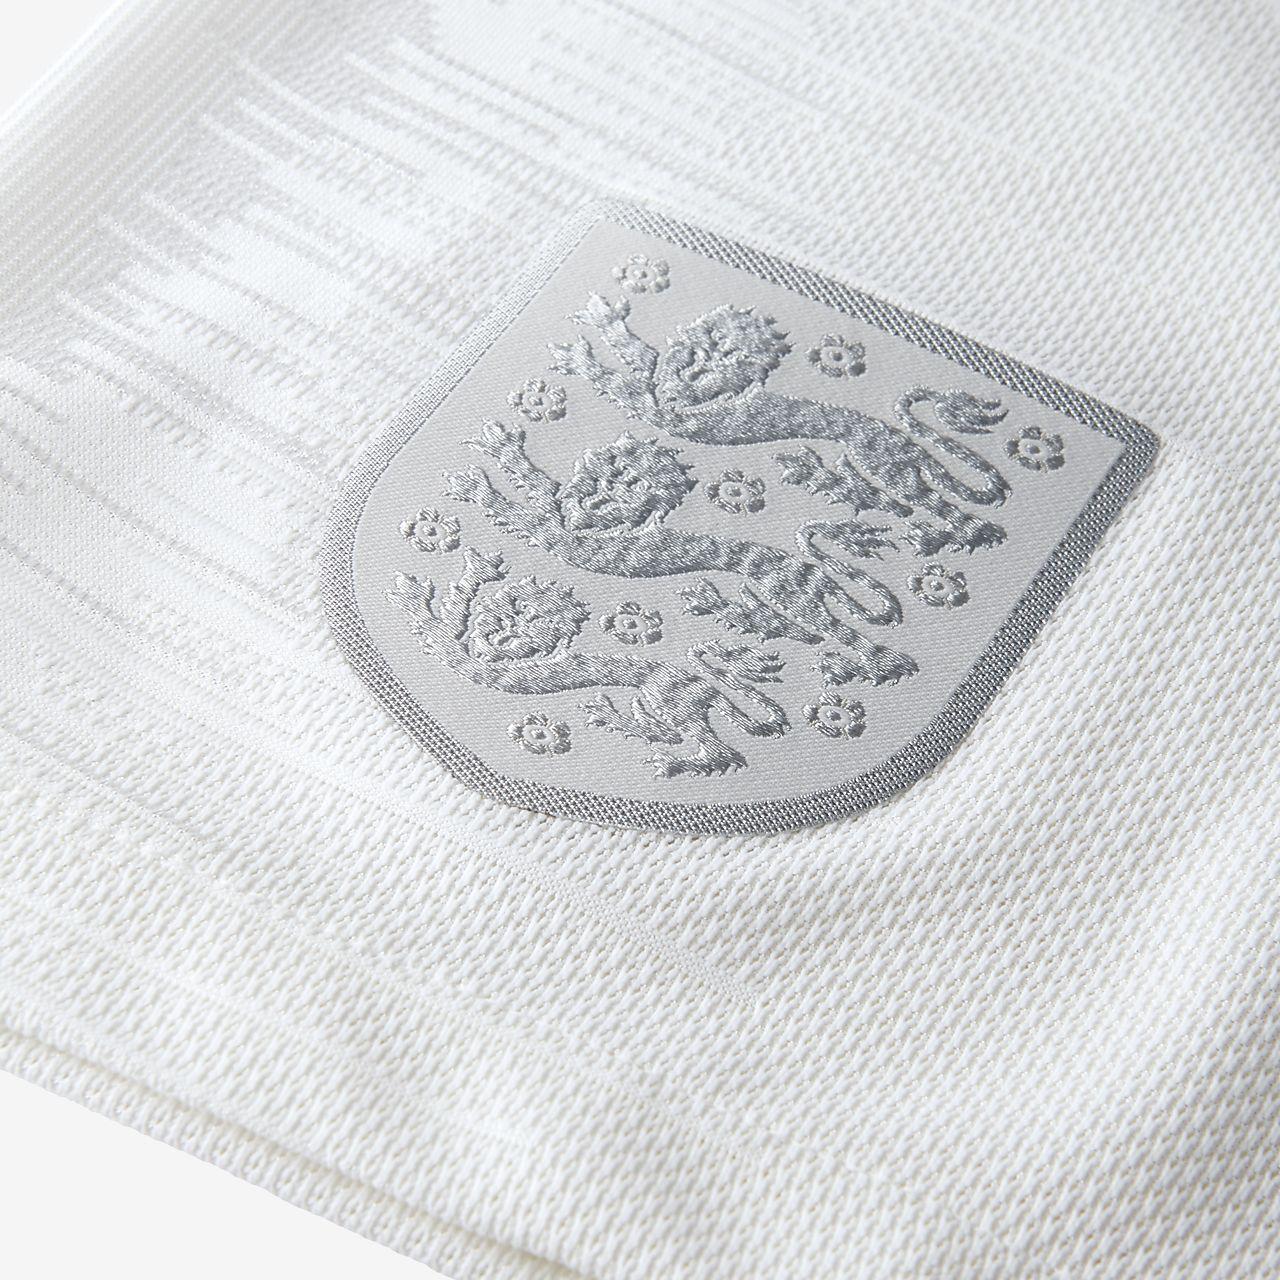 c73b438da281 2018 England Vapor Match Away Men s Football Shorts. Nike.com AU